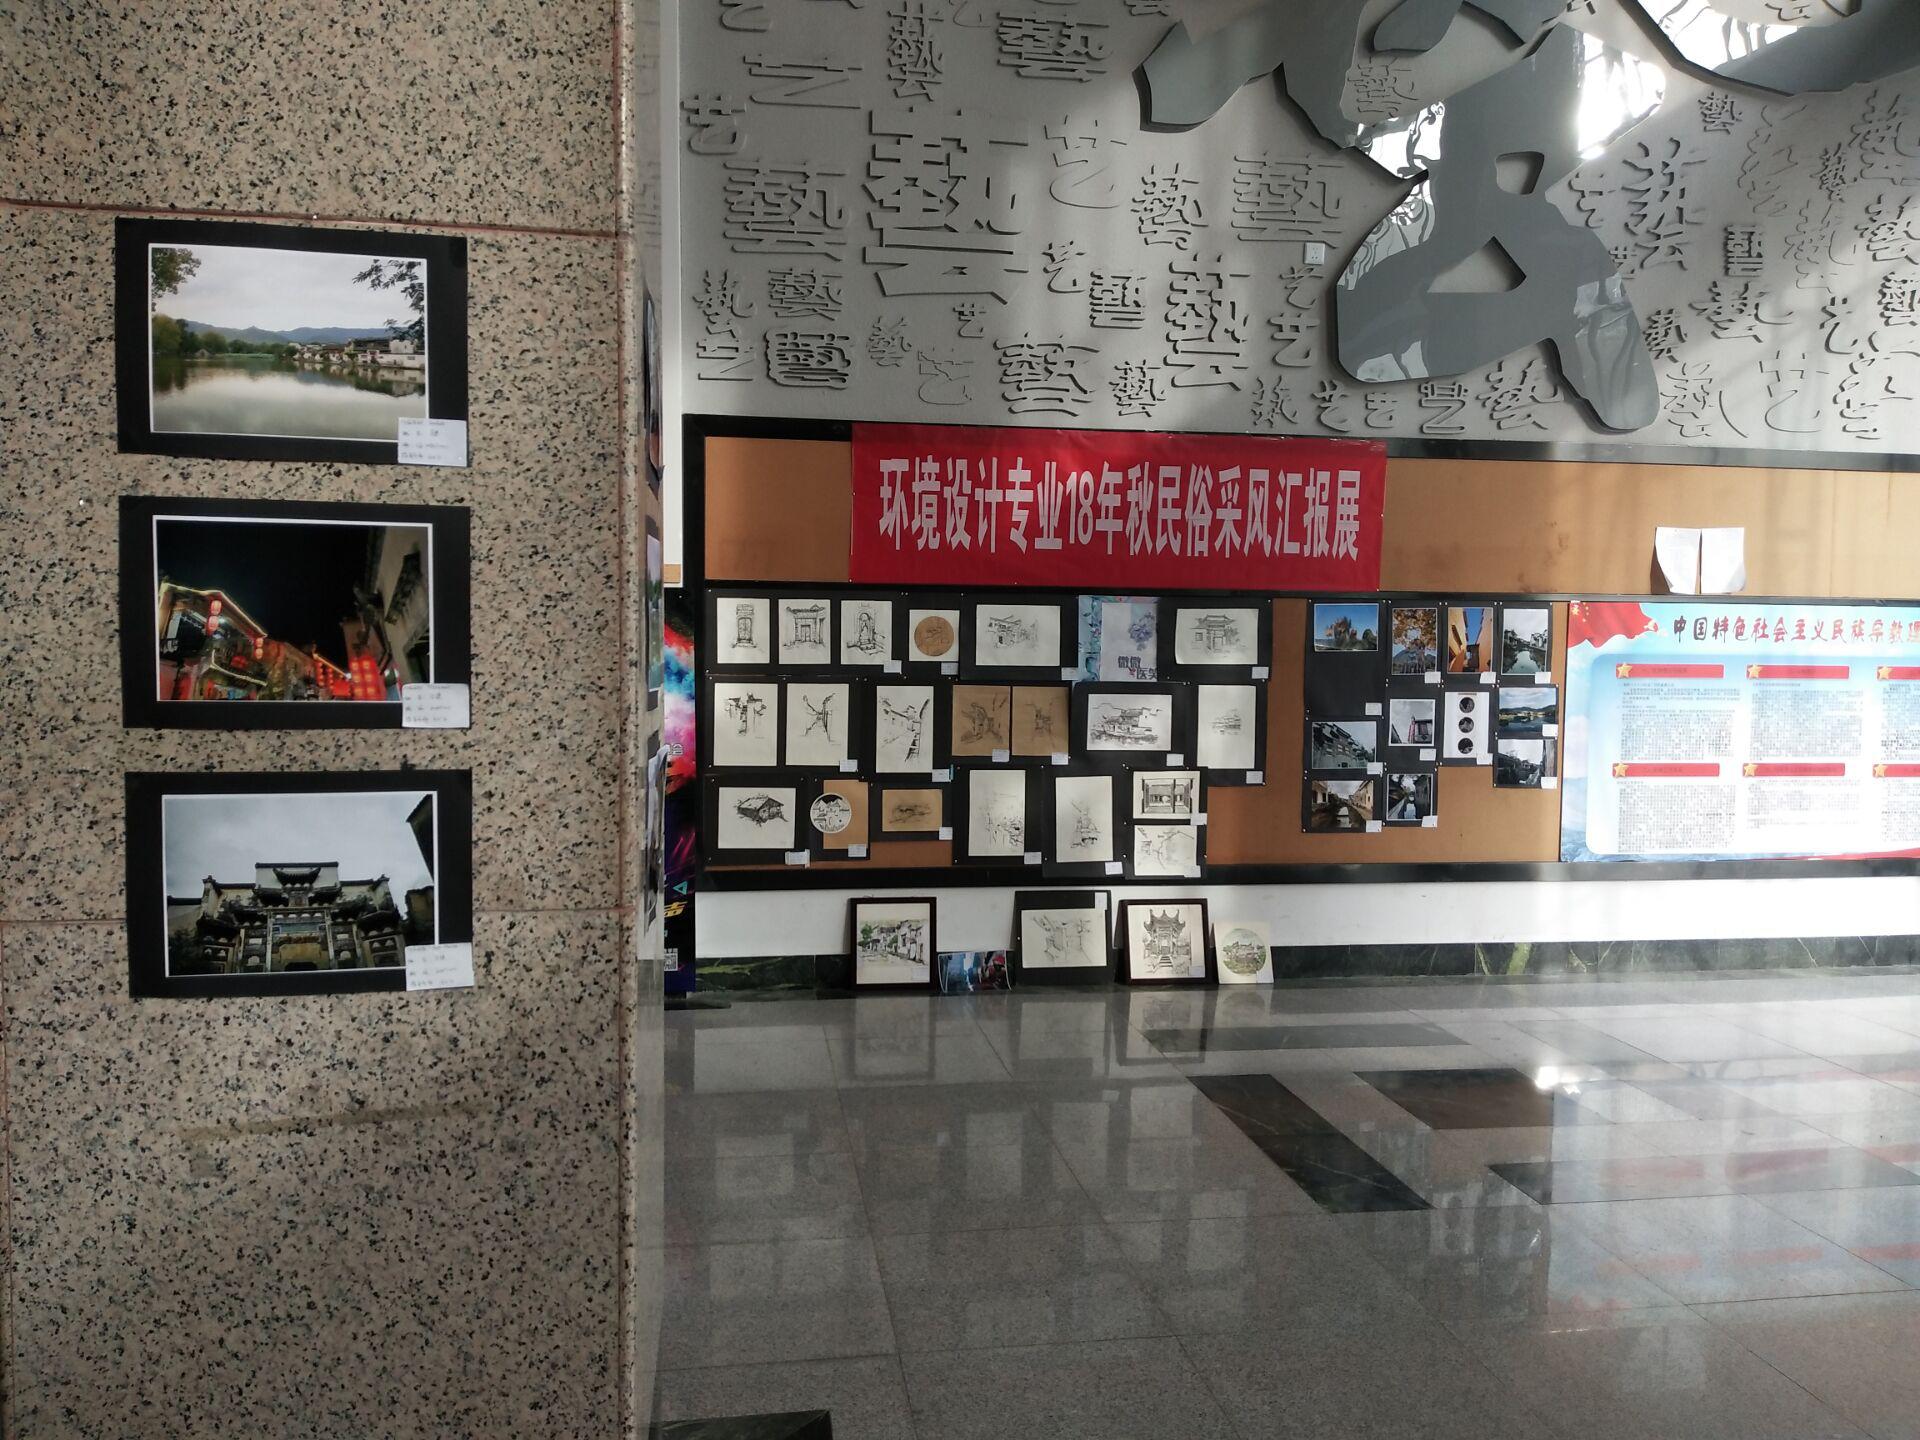 艺术设计学院环境设计专业18年秋民俗采风汇报展新闻稿